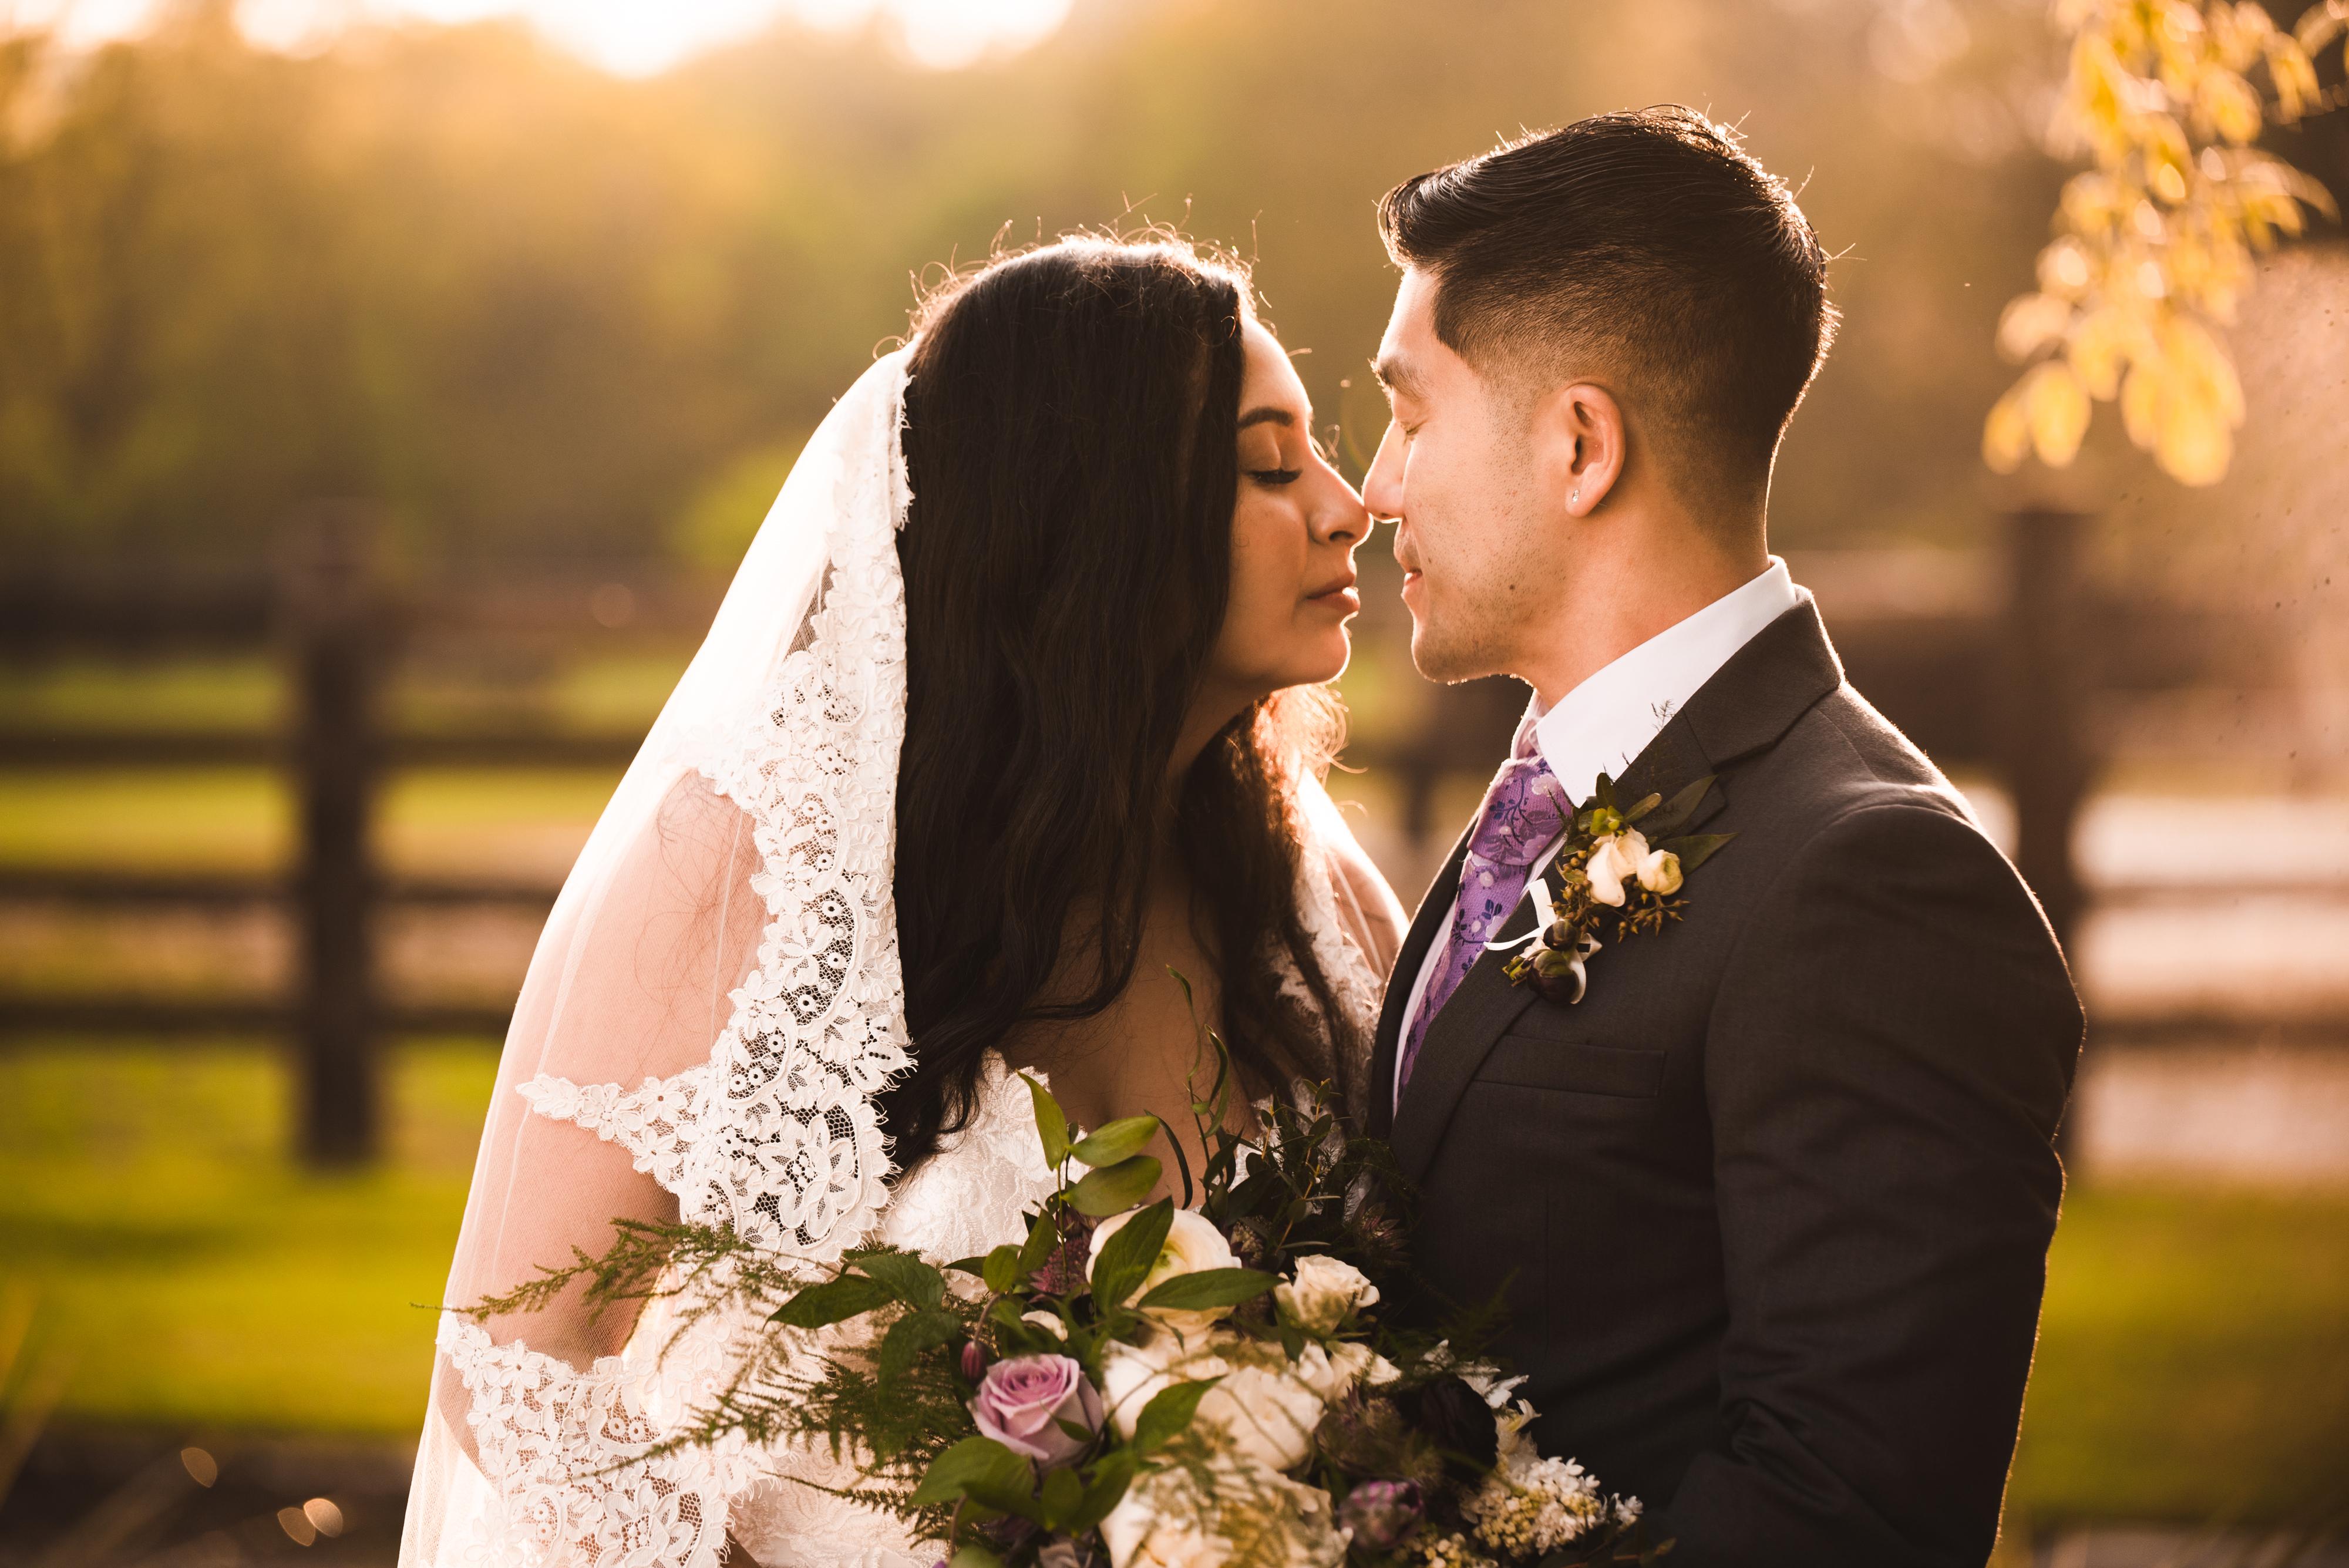 Andrea & Paul Cocktail & Wedding Photos0